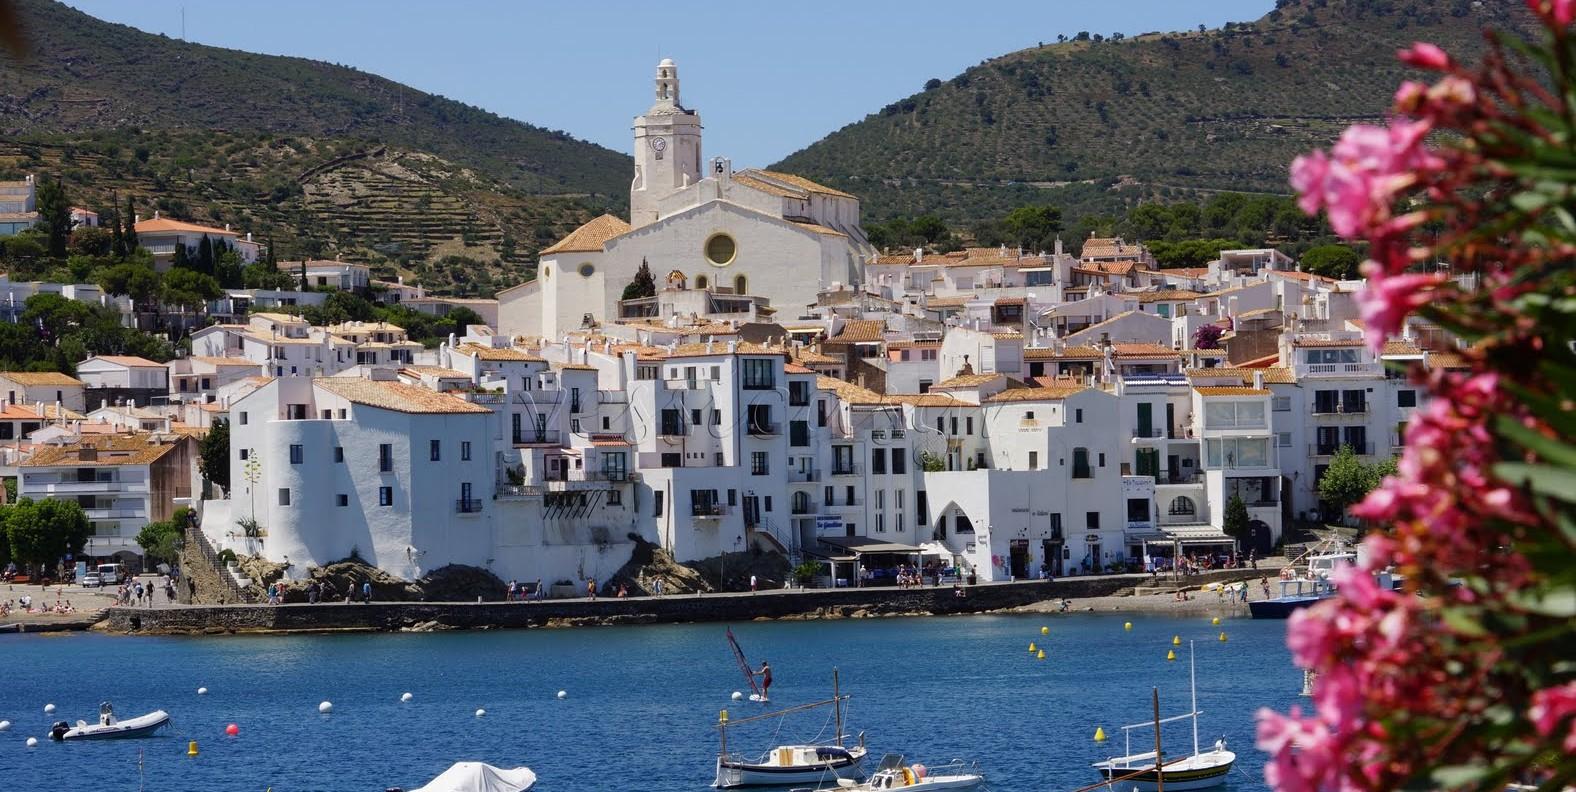 Los 17 pueblos m s bonitos de espa a casatoc toda la - Casas gratis en pueblos de espana ...